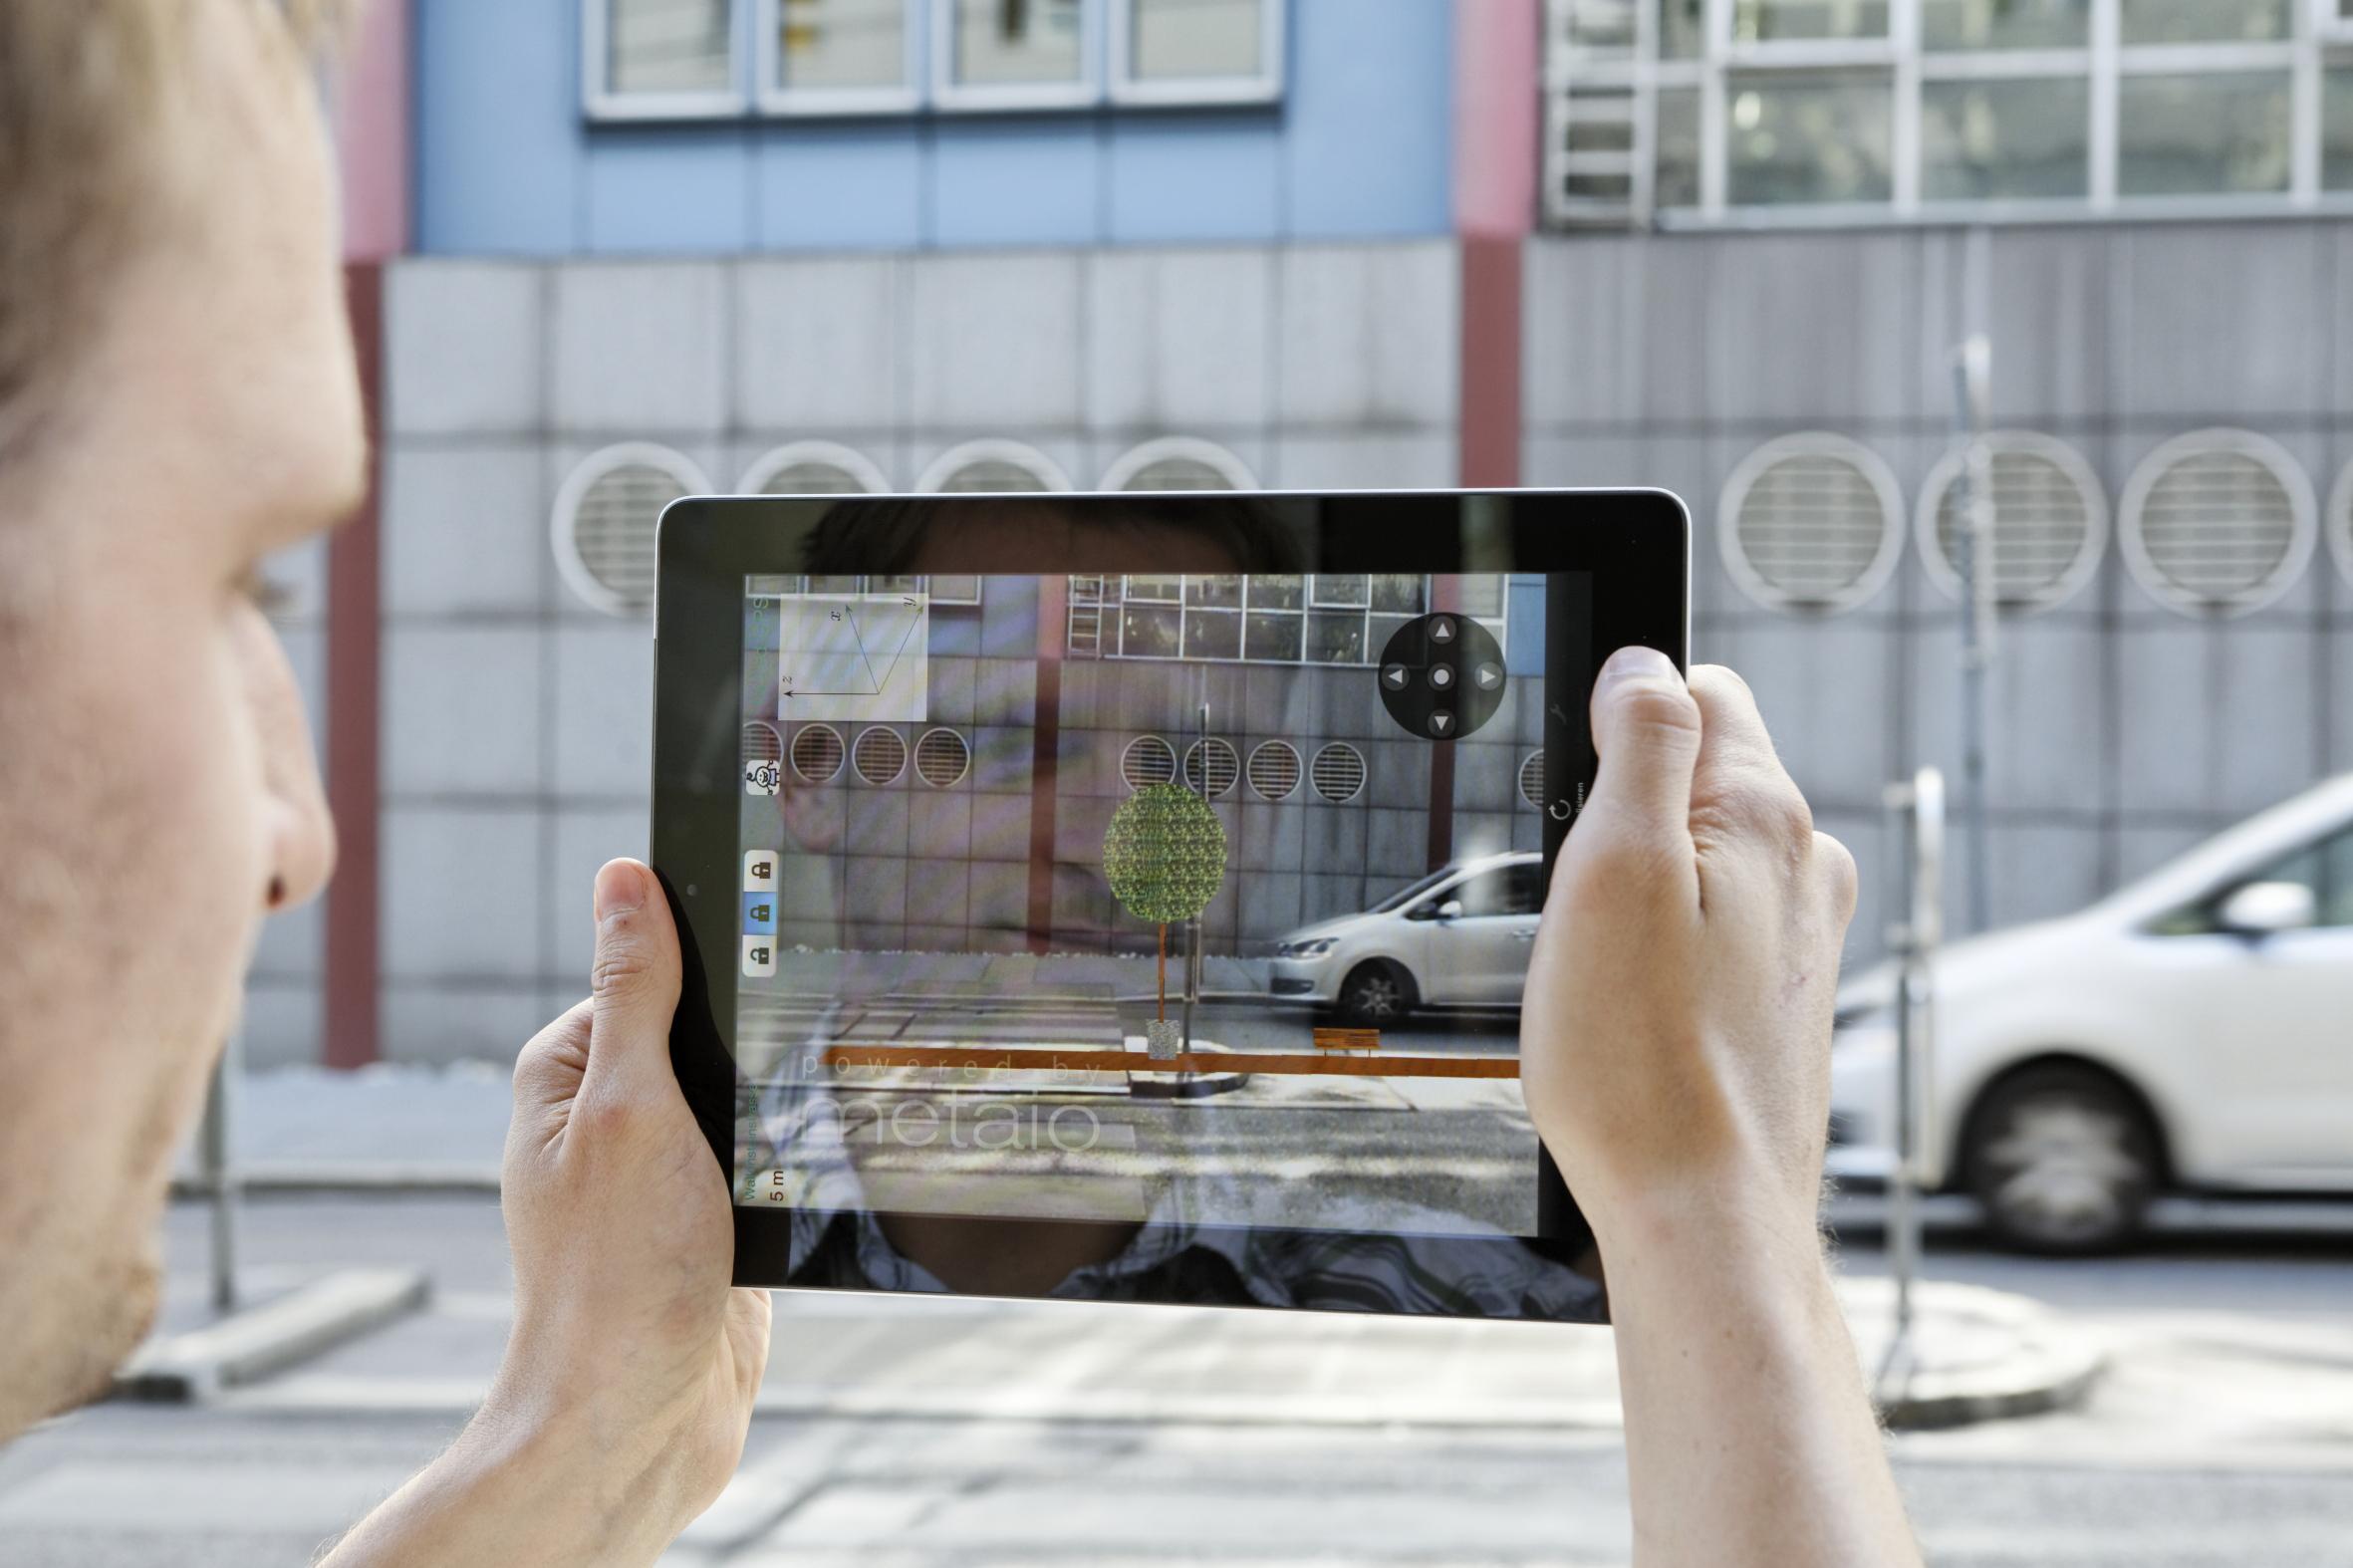 Forscher mit einem Tablet, das die App ways2gether zeigt, die Augmented Reality und Web 2.0 in partizipativen Verkehrsplanungsprozessen nutzt.